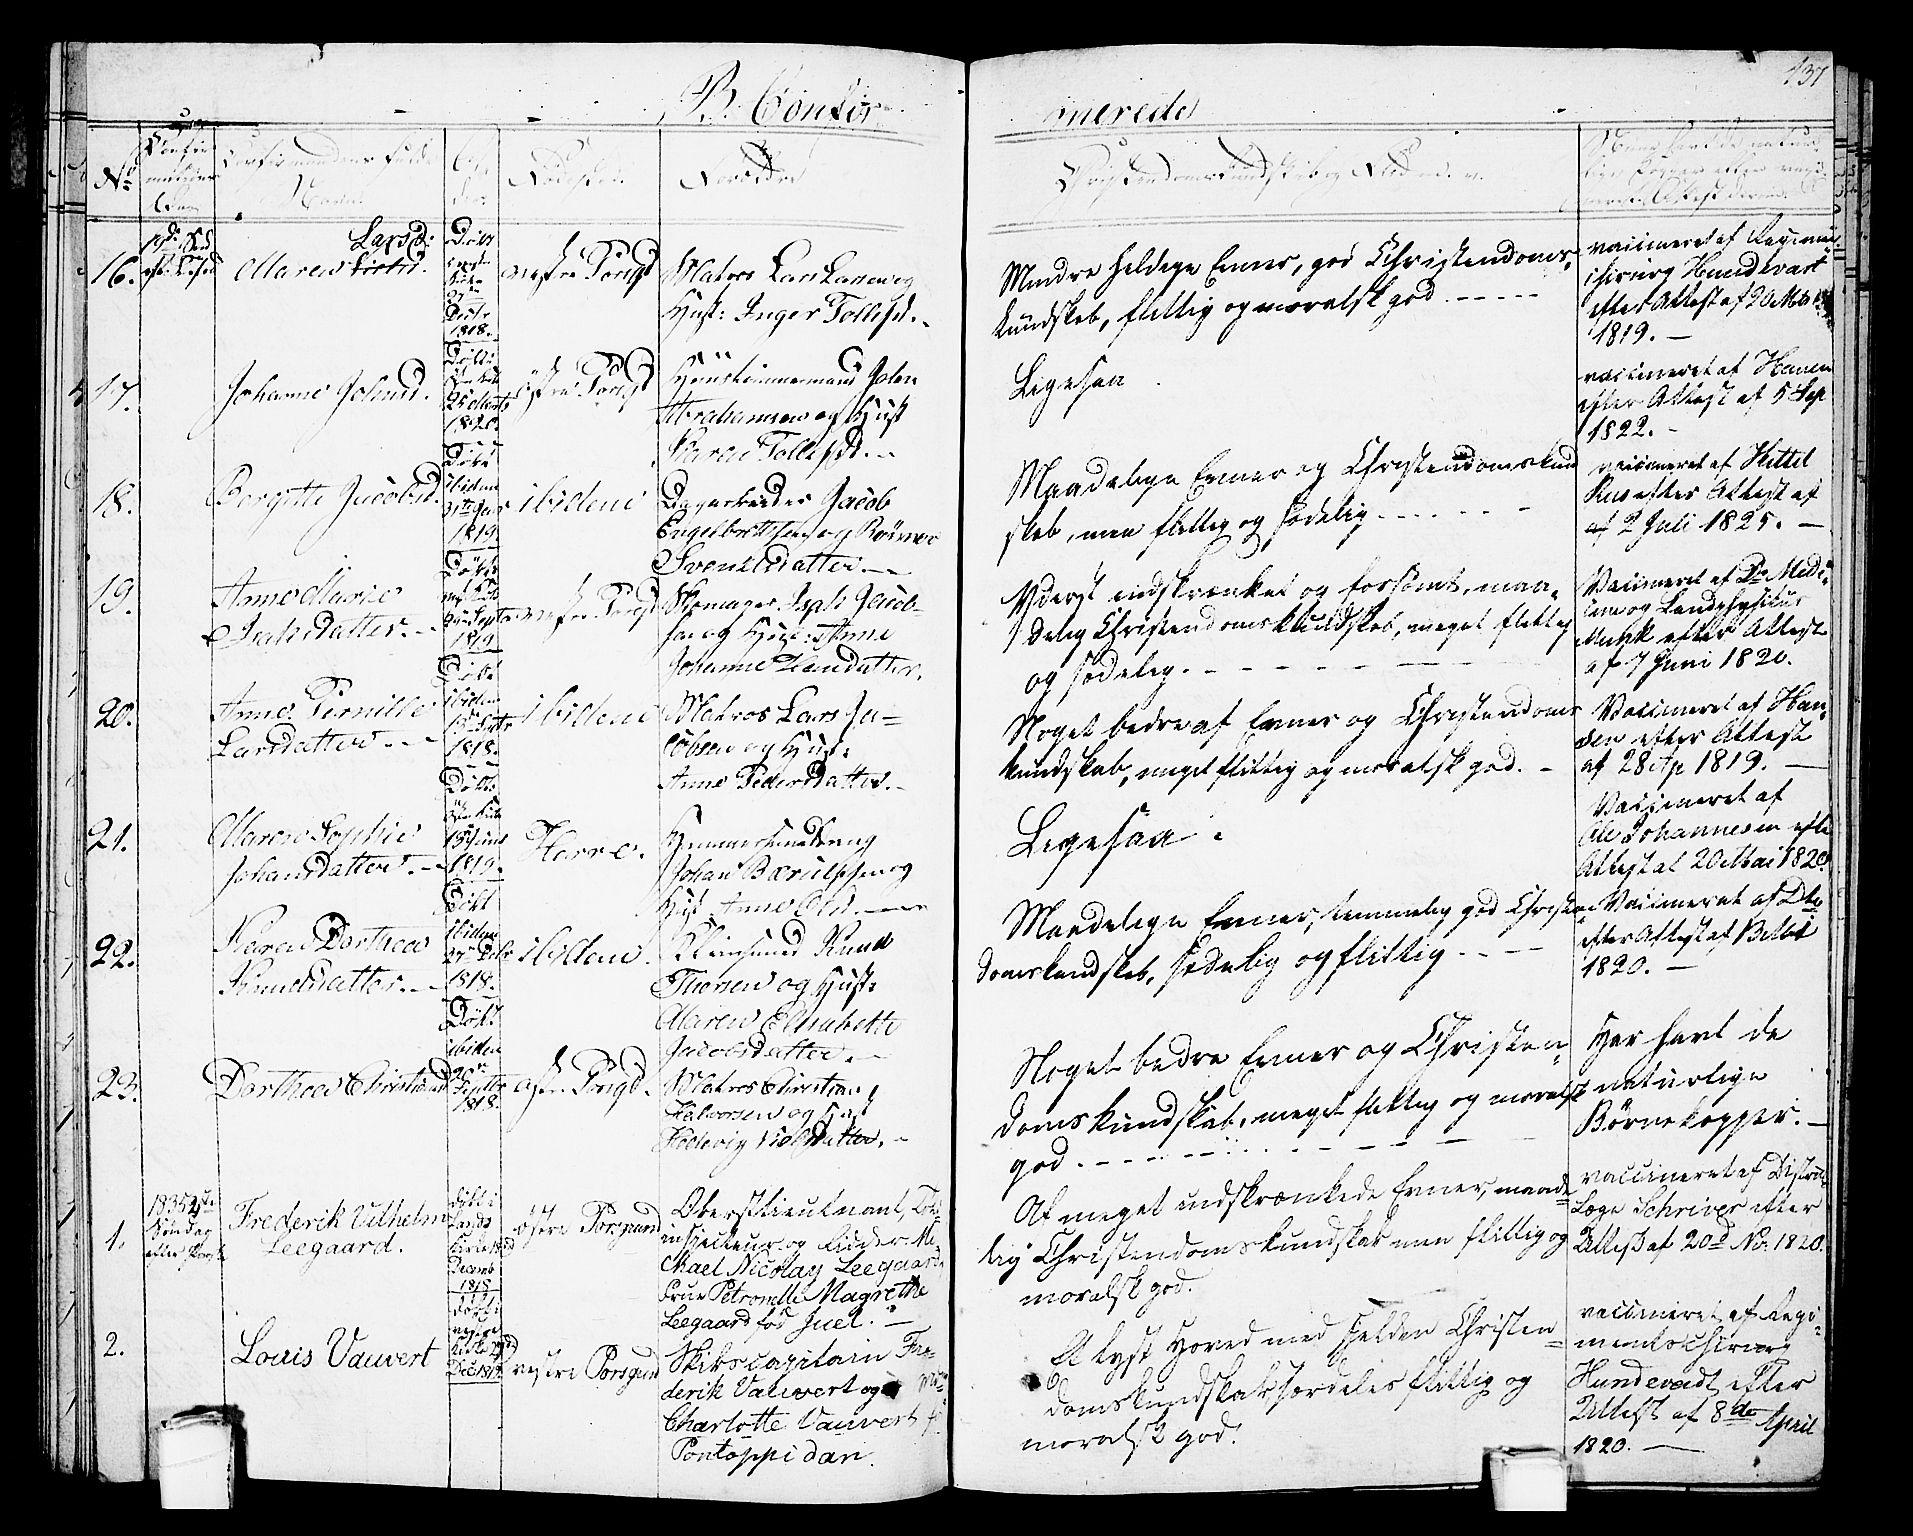 SAKO, Porsgrunn kirkebøker , G/Gb/L0002: Klokkerbok nr. II 2, 1828-1841, s. 137